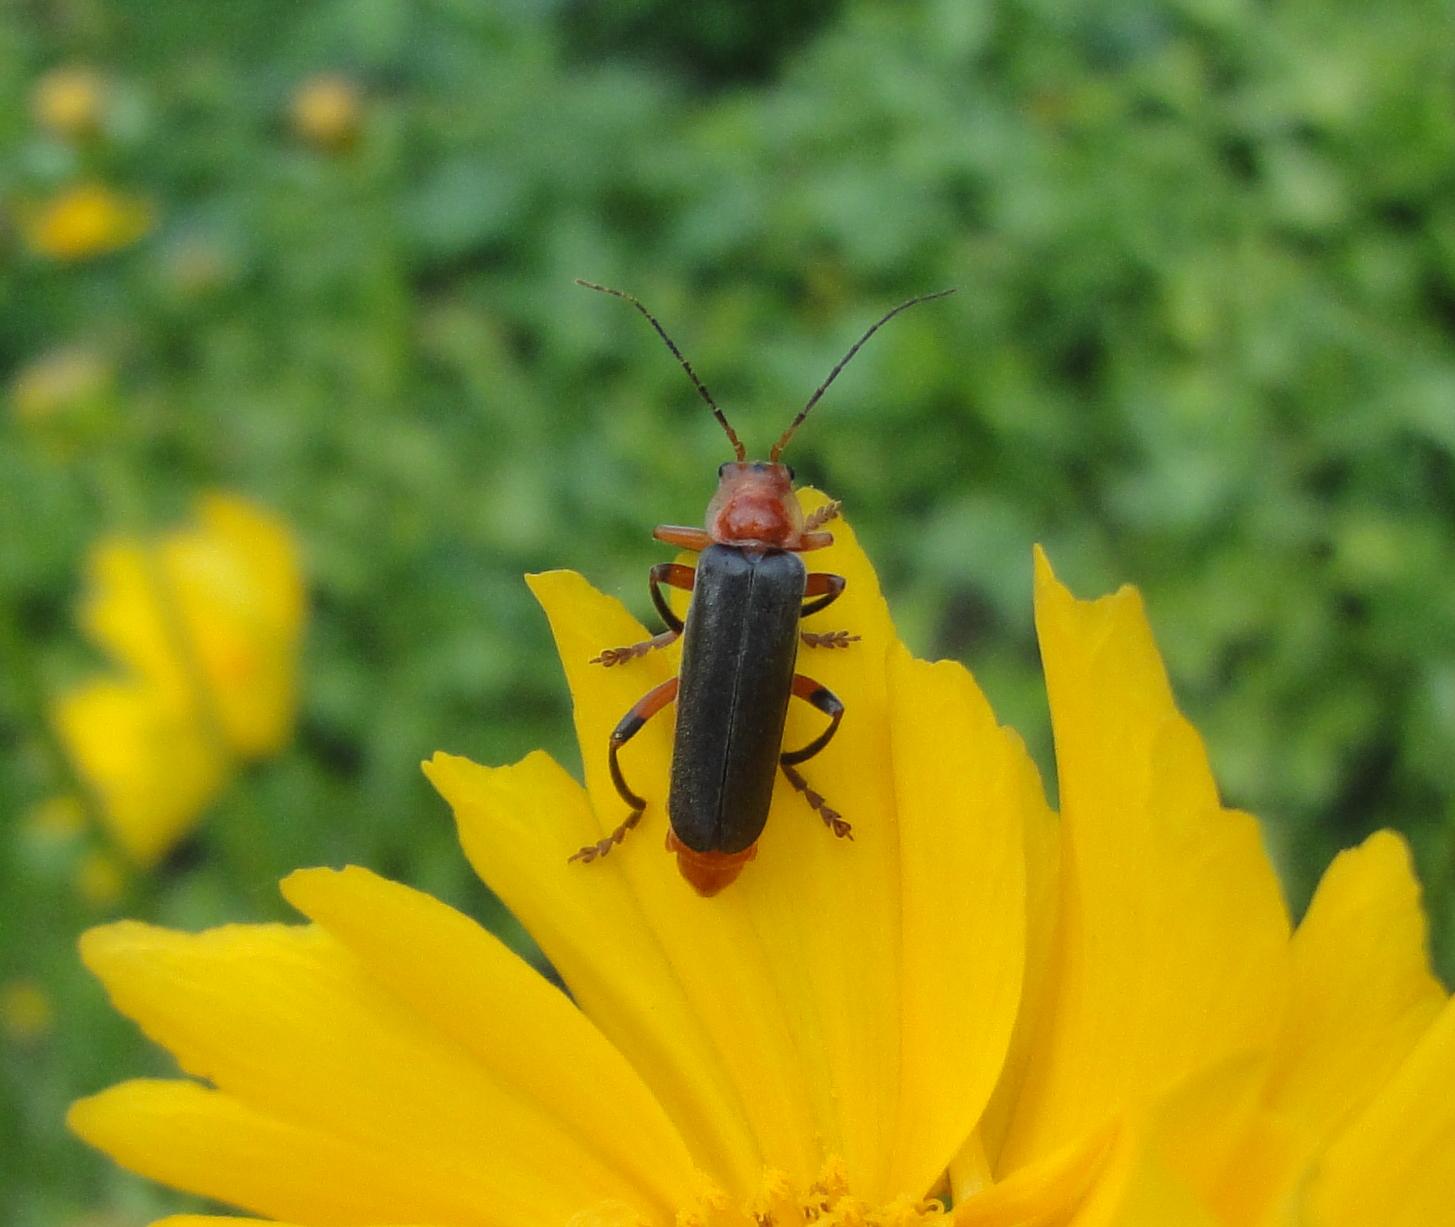 soldier beetle, gândac negru cu roşu şi un mic punct negru